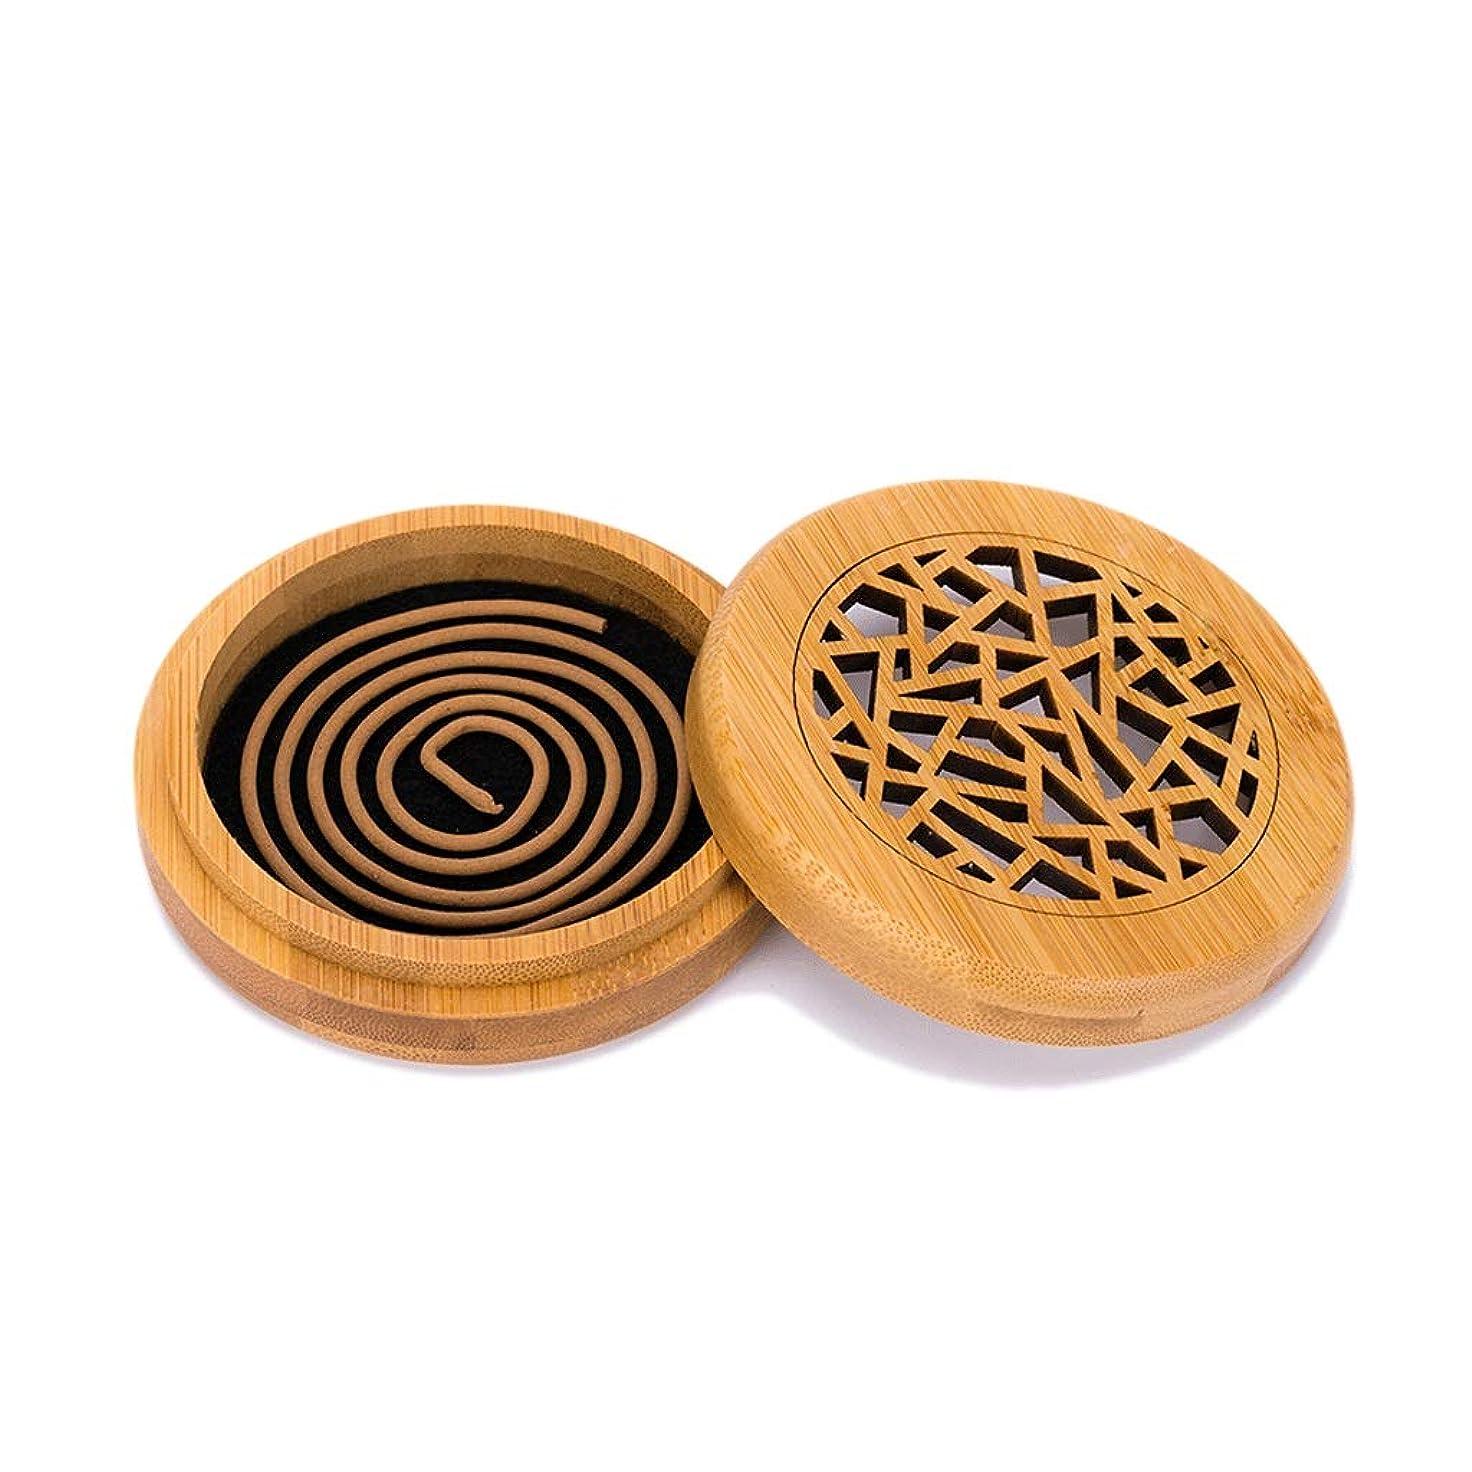 から官僚スポーツ木製香炉コイル香スティックコーンバーナーホルダー部屋の装飾瞑想竹アッシュキャッチャー香ホルダー (Color : Wood, サイズ : Round)